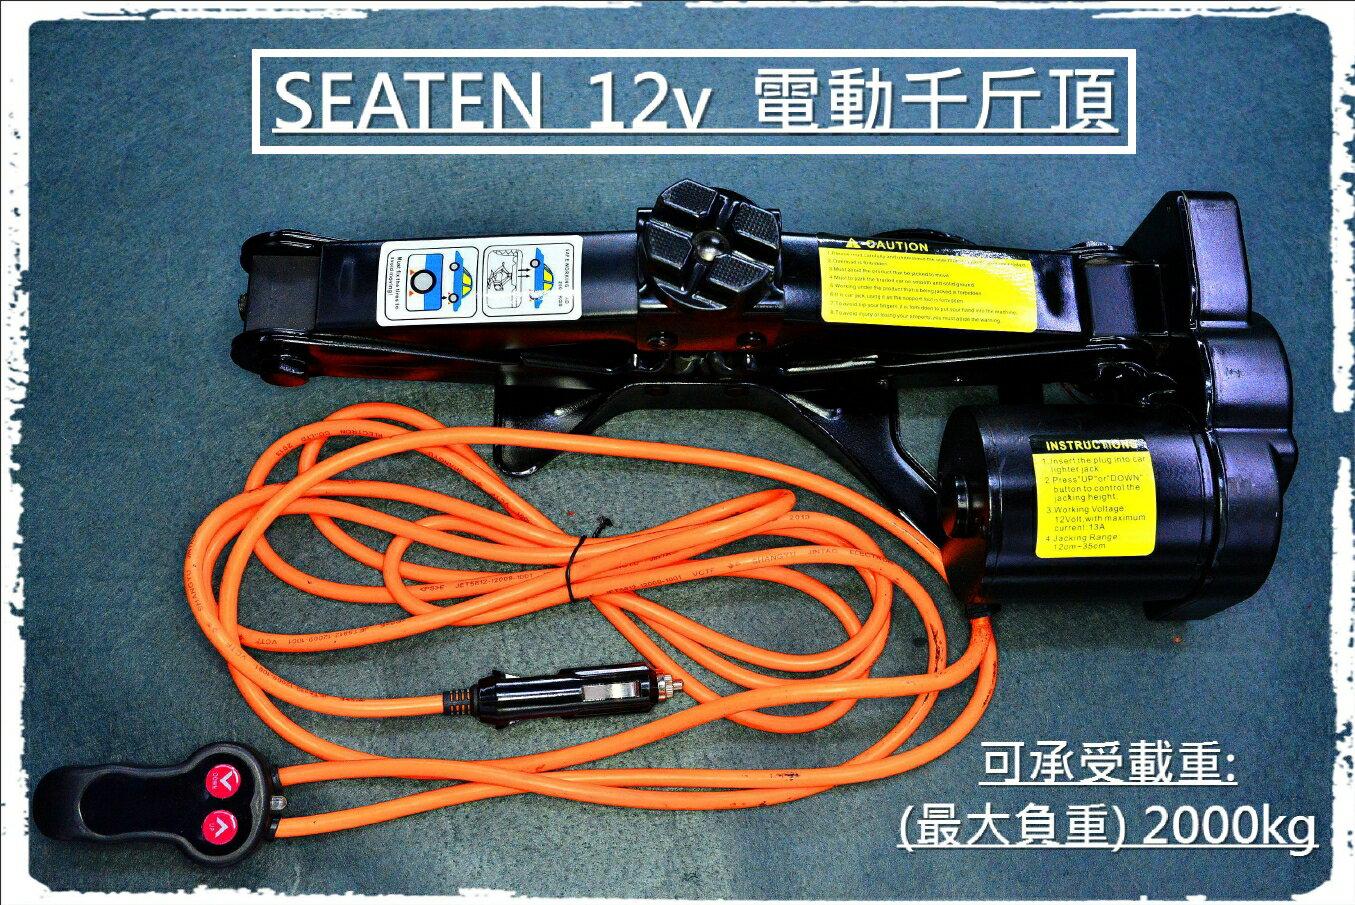 多功能救車3件組 12v電動剪式千斤頂 頂高器撐高器 衝擊扳手 車用吸塵器打氣機 充氣動灌風槍 內六角柄套筒螺鋁圈17吋18吋